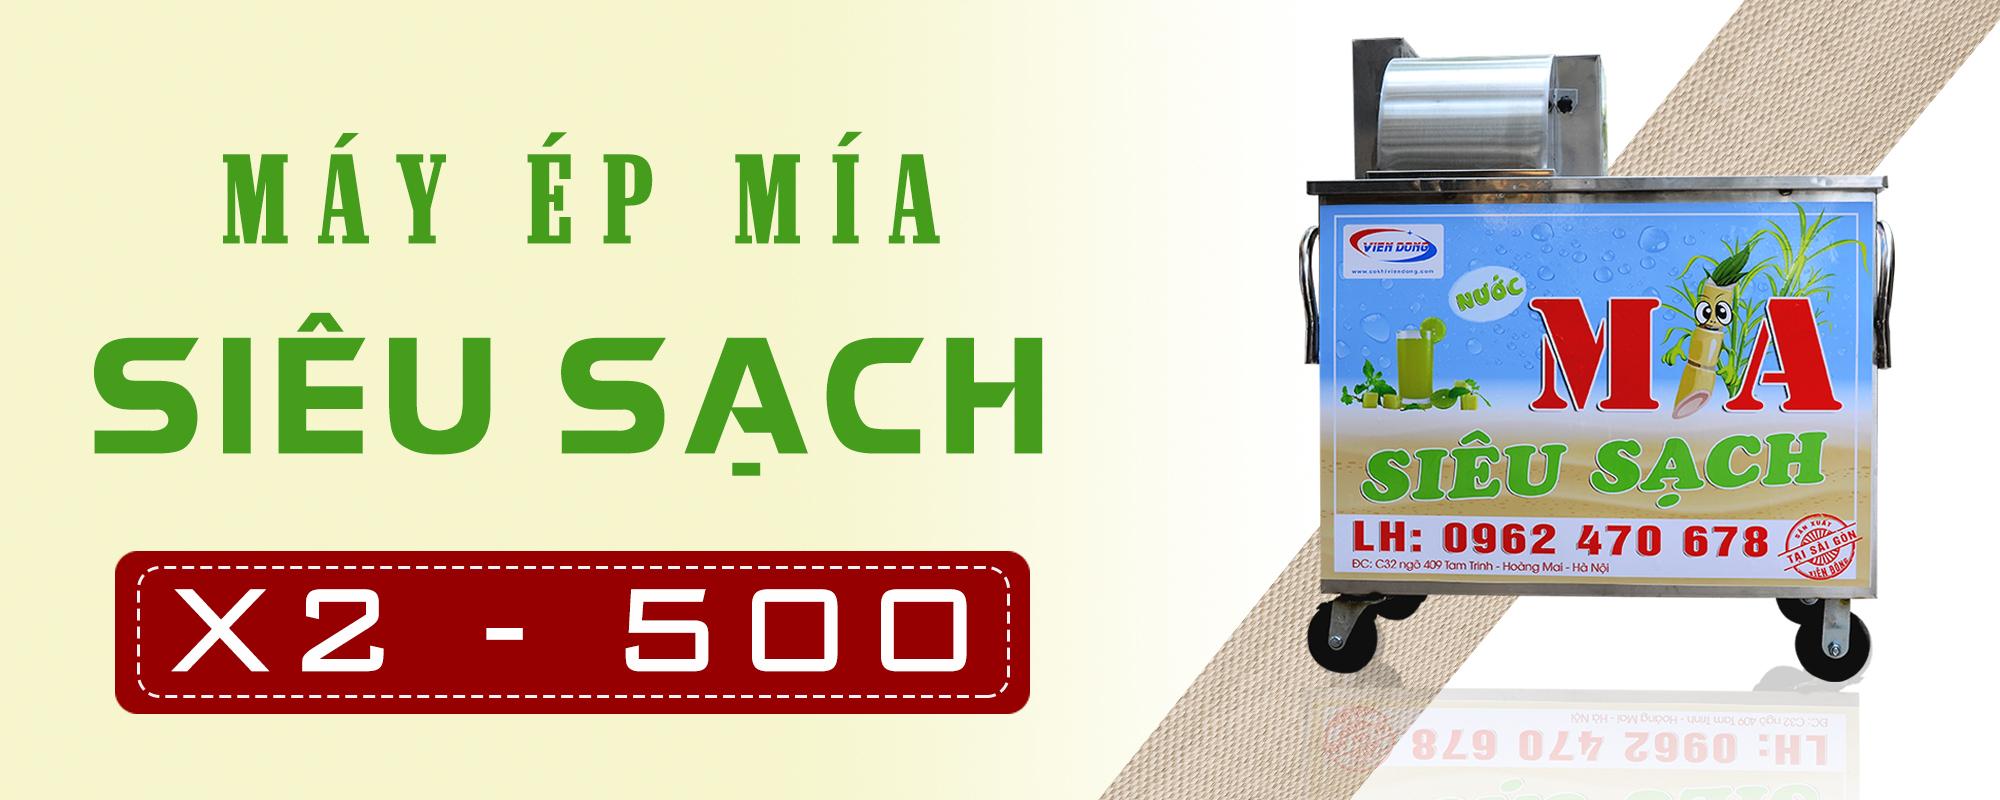 xe-nuoc-mia-sieu-sach-X2 - 500